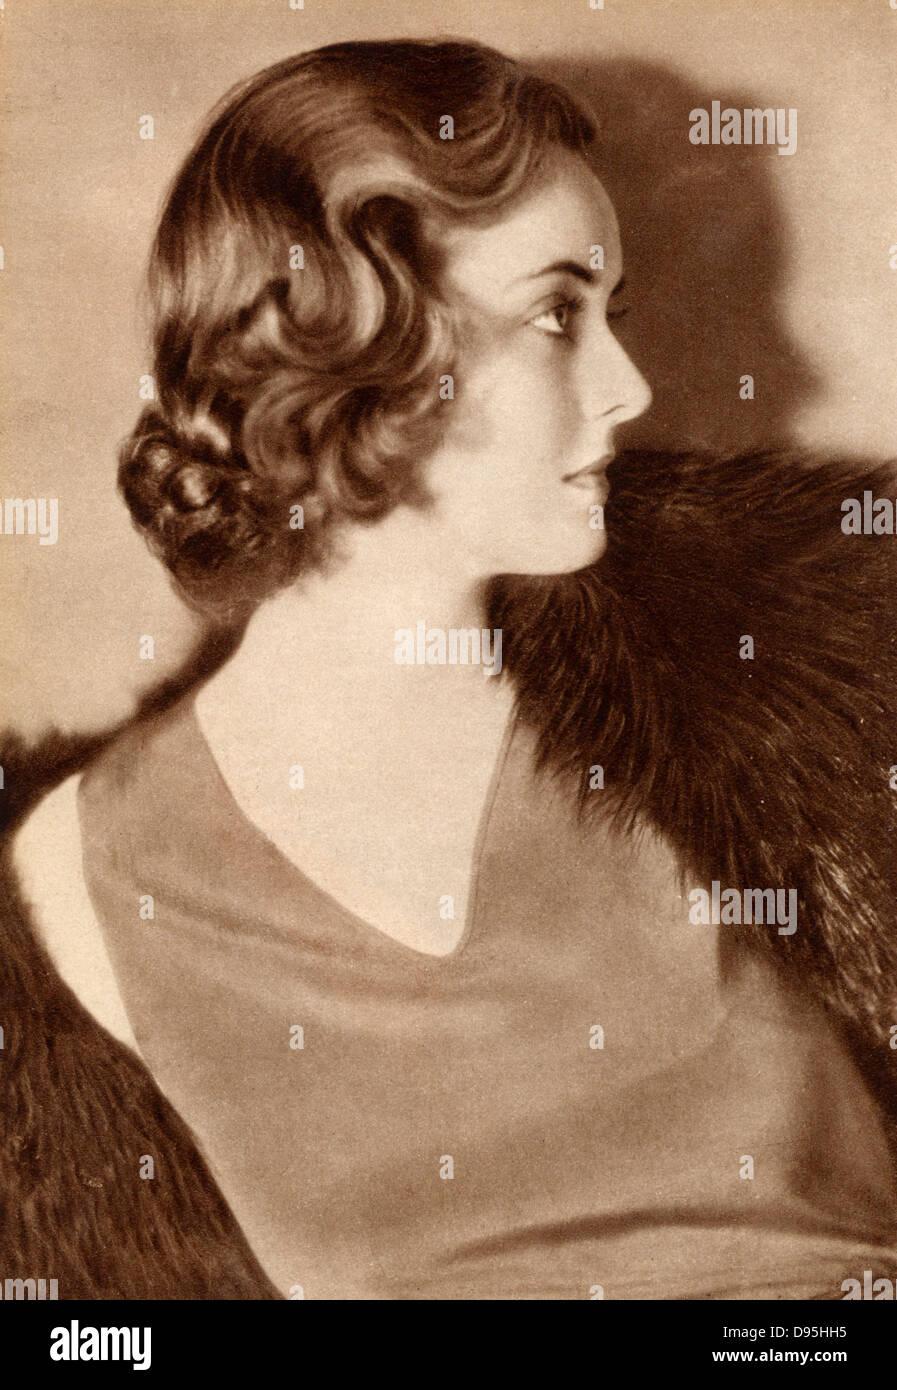 Bette Davis (1908-1989) American actrice de Hollywood et le cinéma star, en tant que jeune femme. Photographie. Photo Stock